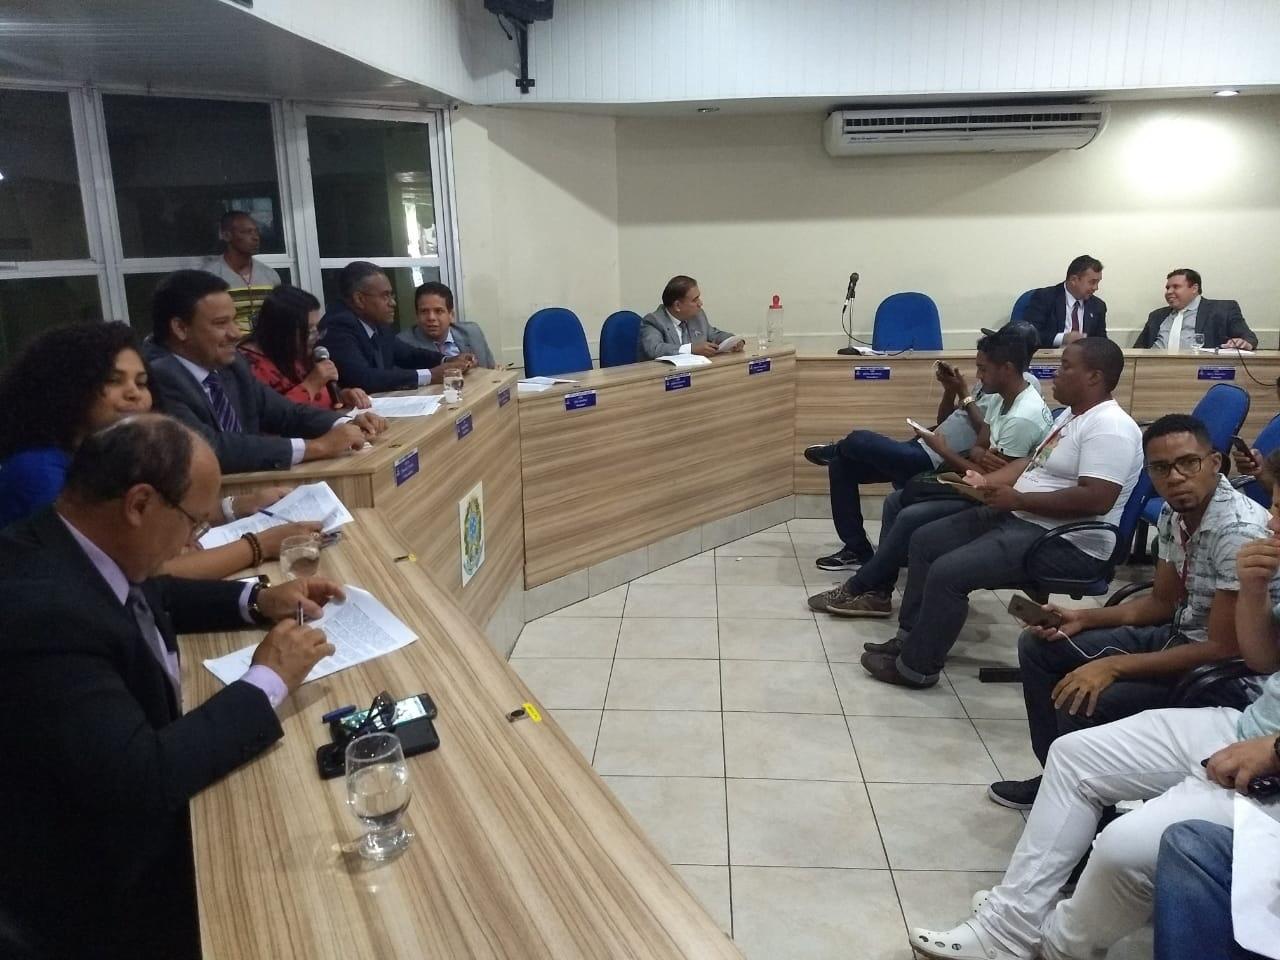 Câmara de Lauro propõe requalificar como urbanas linhas de Lauro ao Terminal Aeroporto